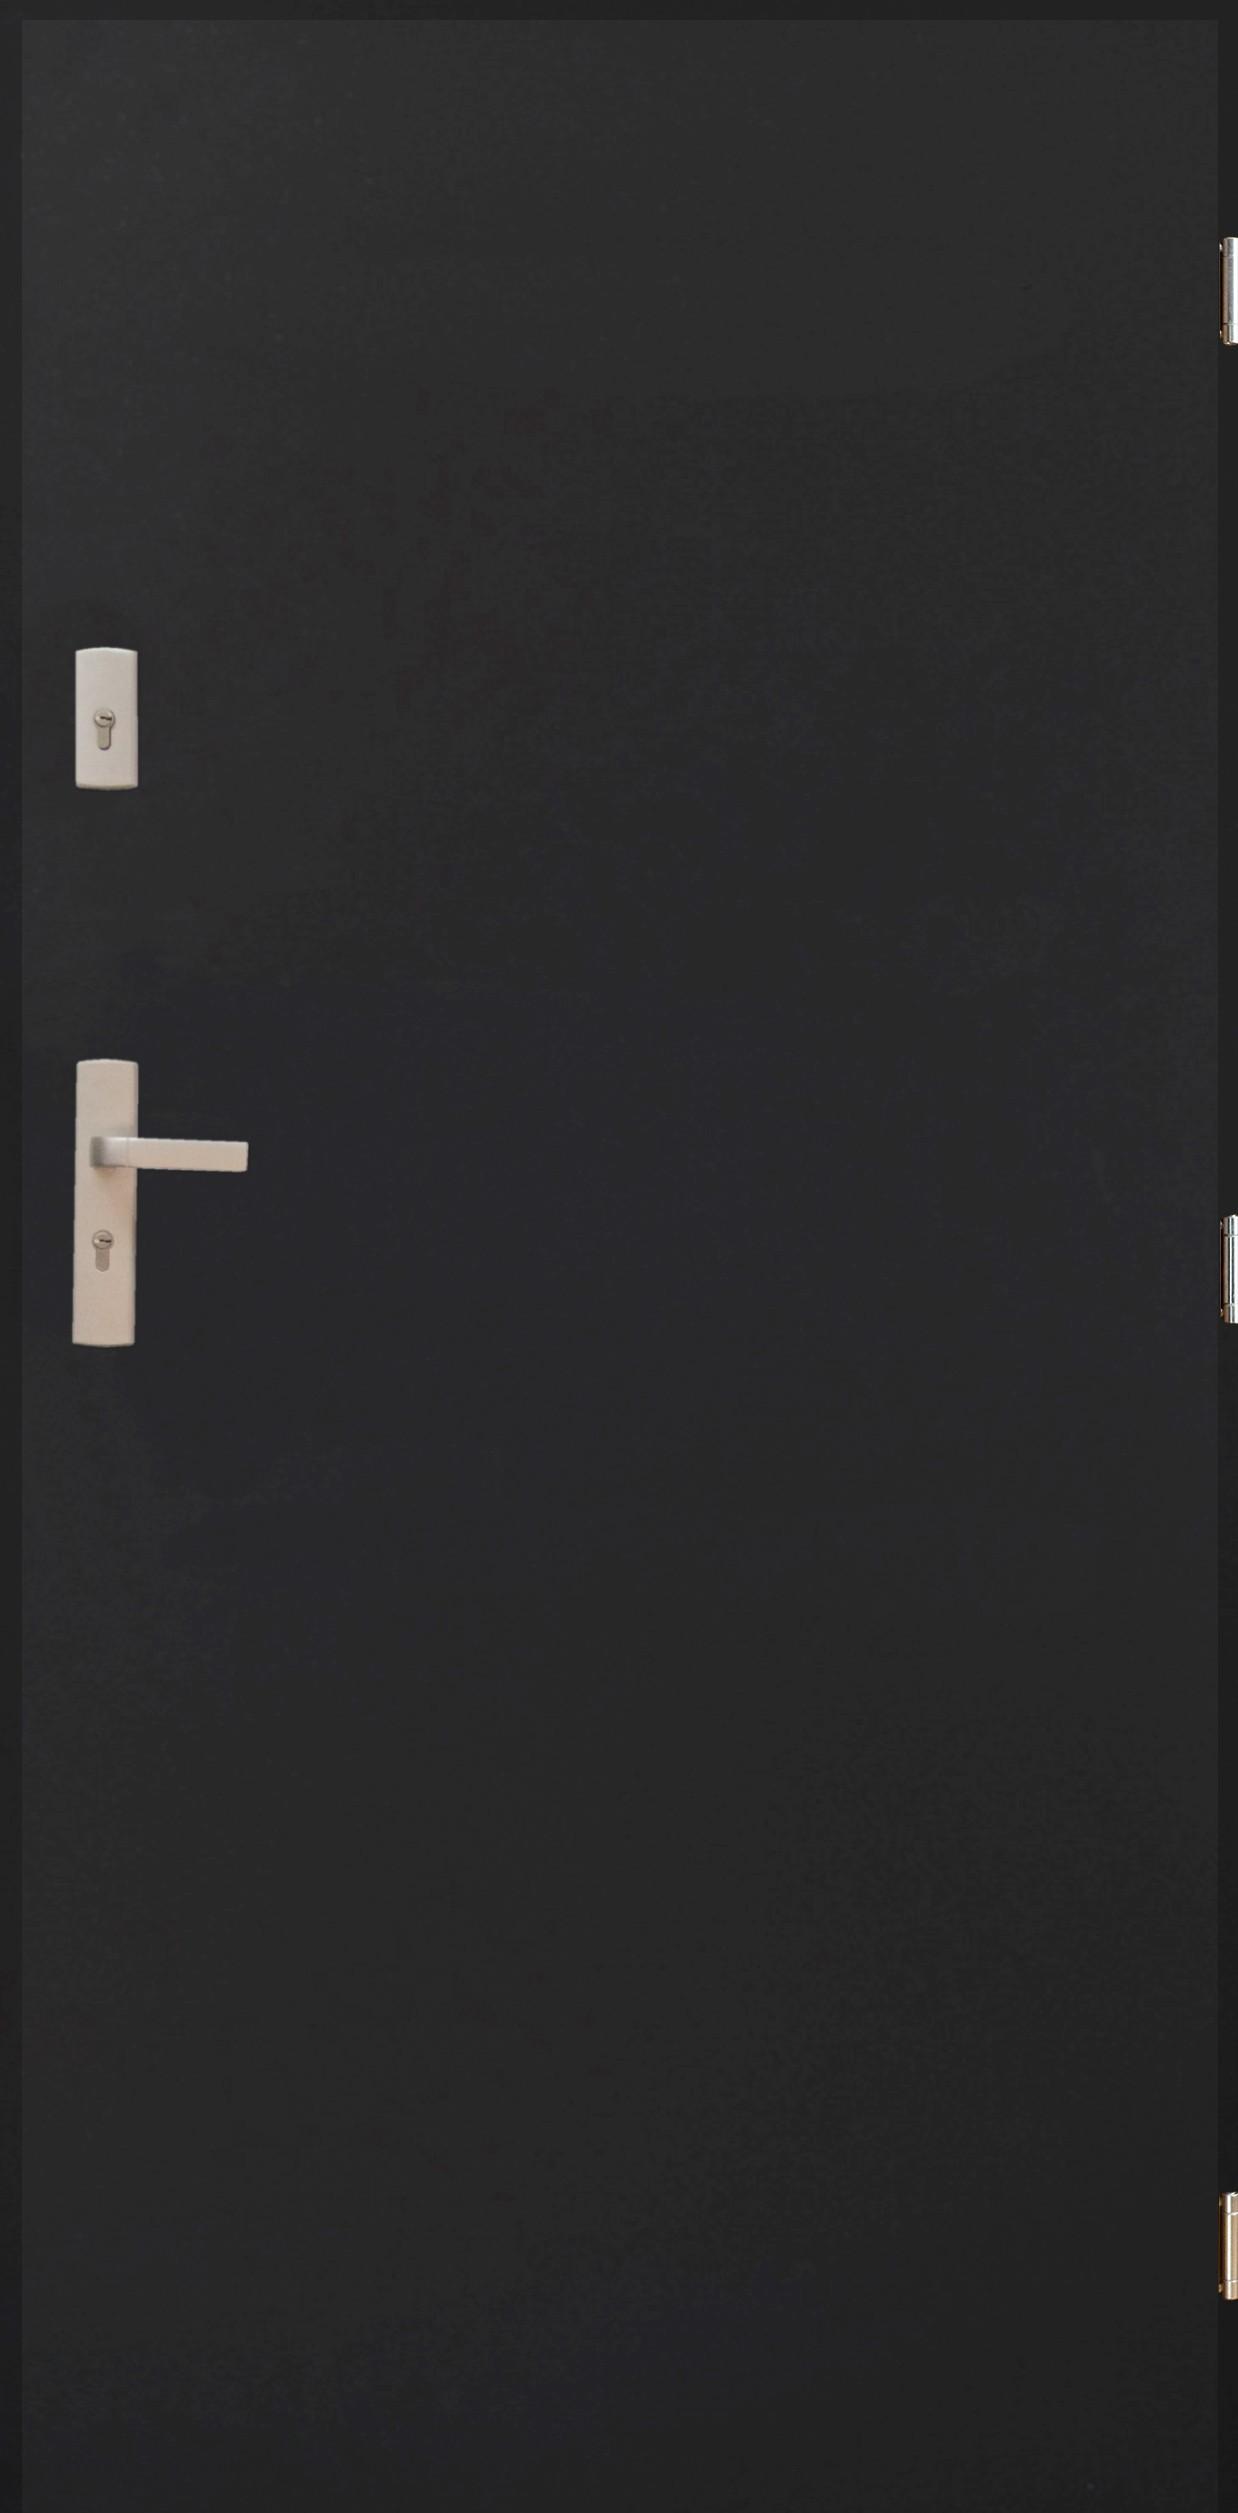 Drzwi BX 01